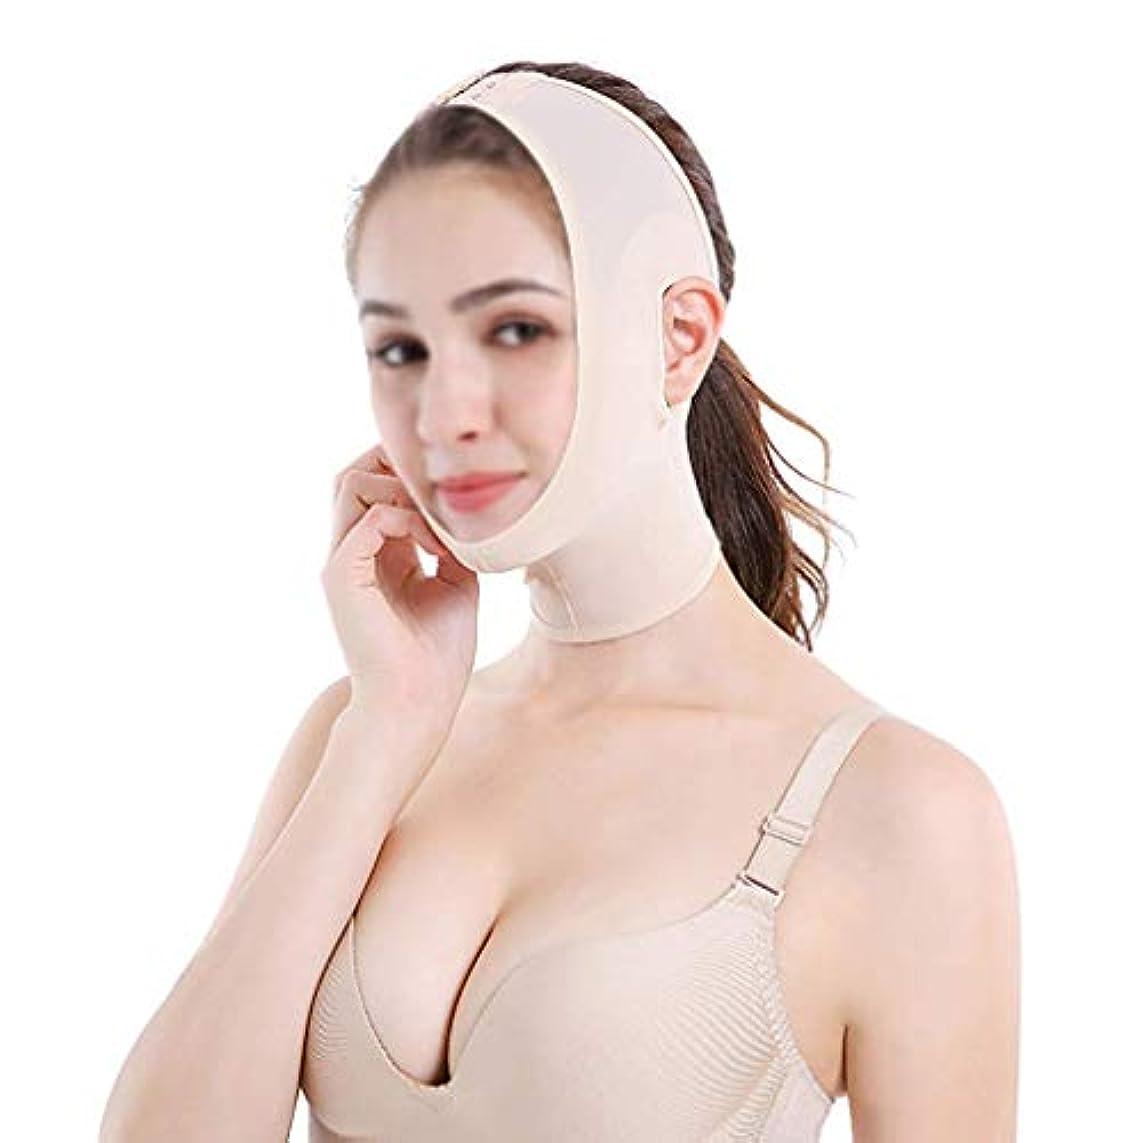 防水ほめるあるファーミングフェイスマスク、スリムベルトフェイスリフティングバンデージスモールVフェイスマスクフェイスリフティングアーティファクトフェイスリフティングファーミングマスク(サイズ:M),XS